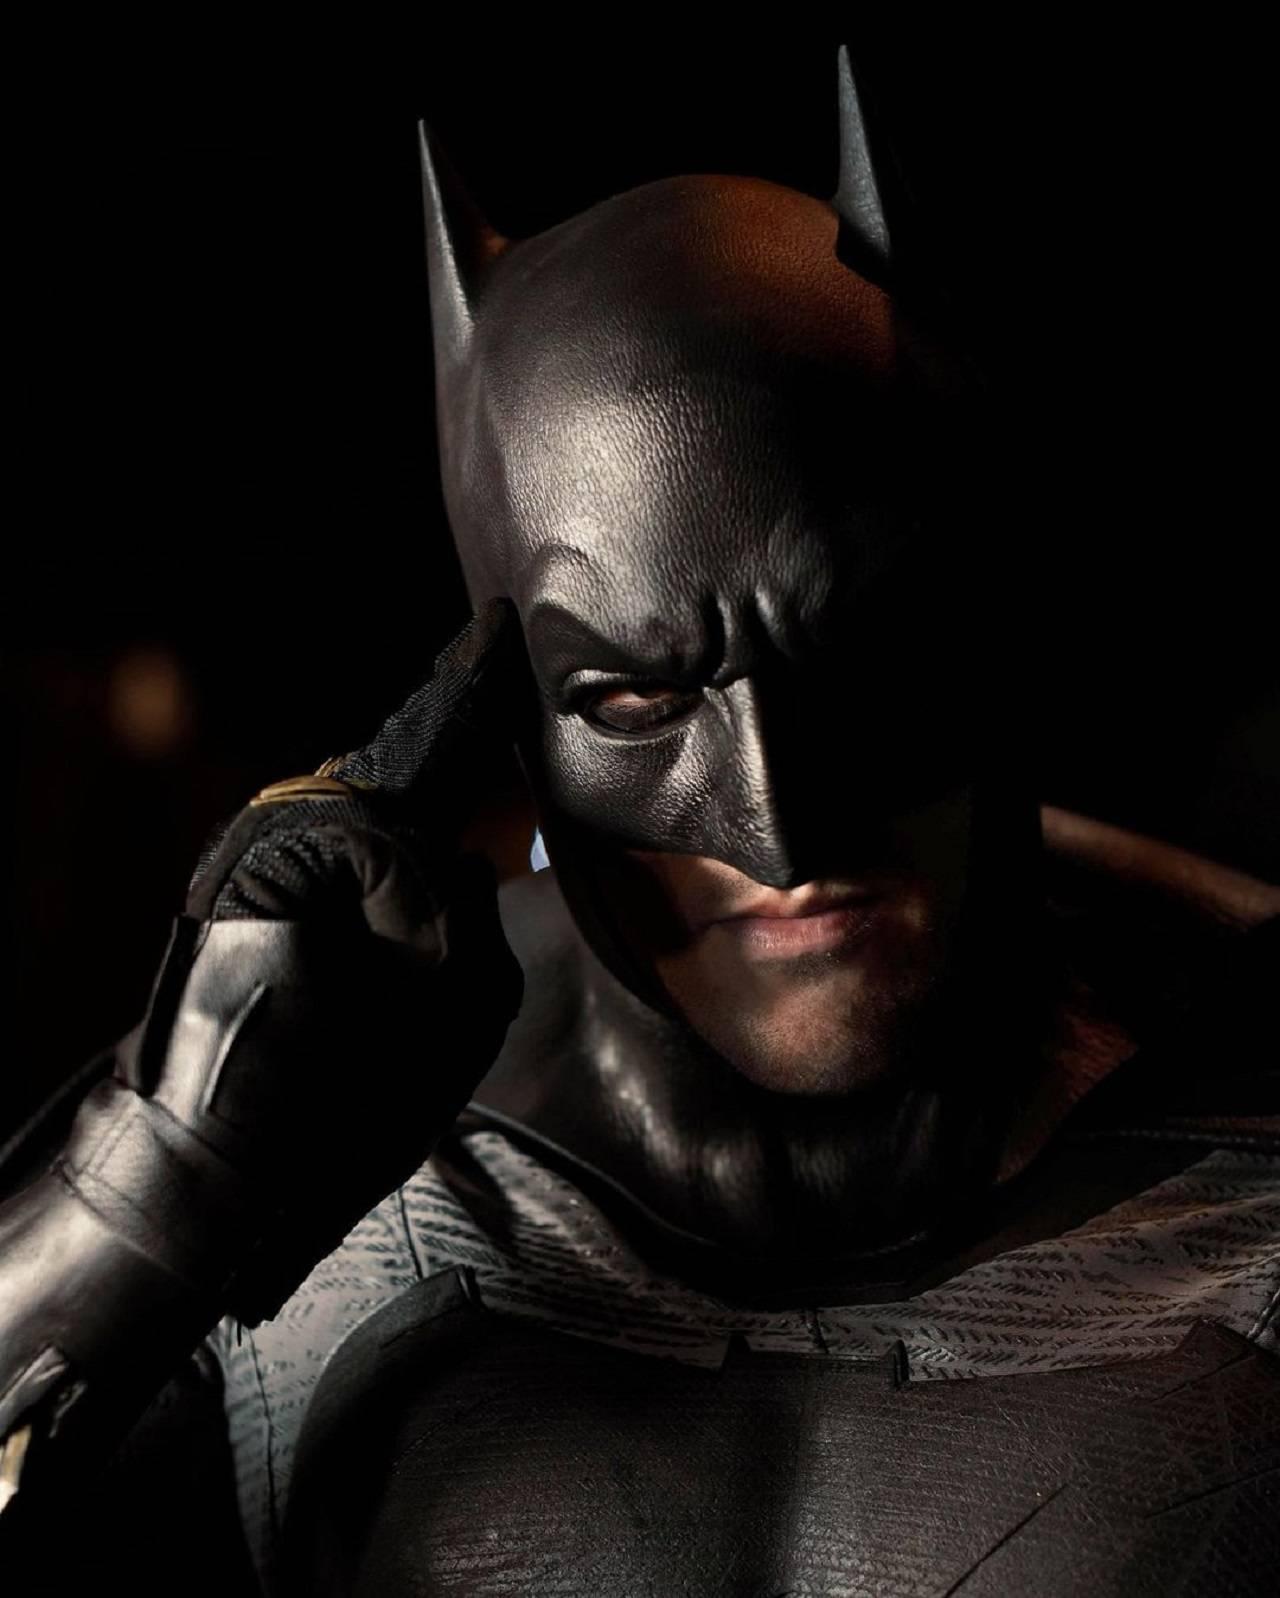 Batman Cosplay DC Comics Ben Affleck